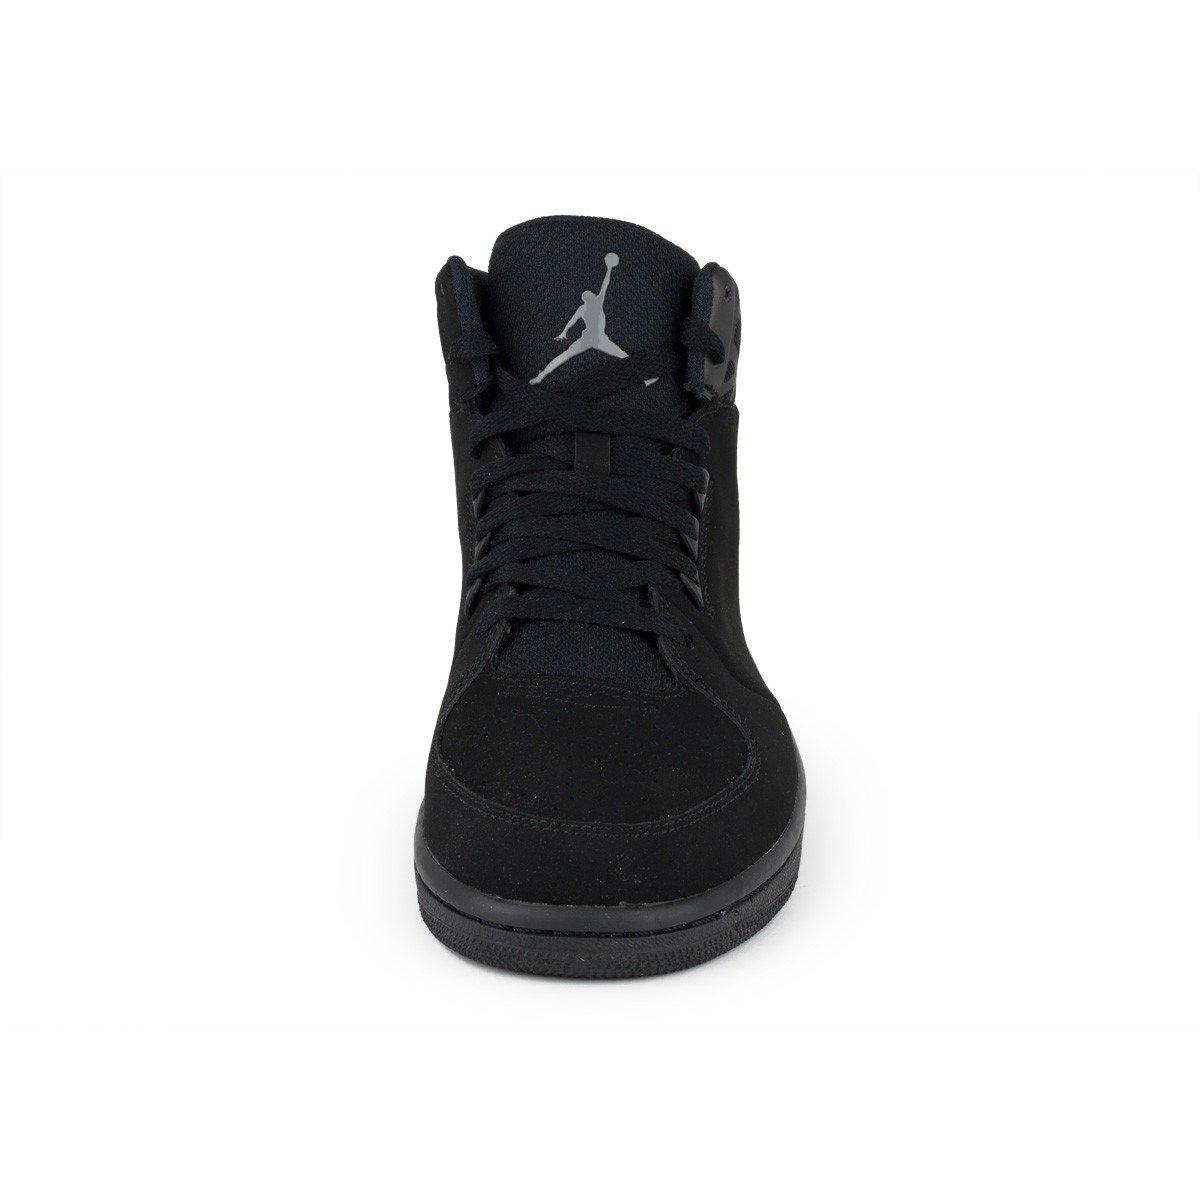 low cost b0060 b8994 nike air jordan 1 flight shoes